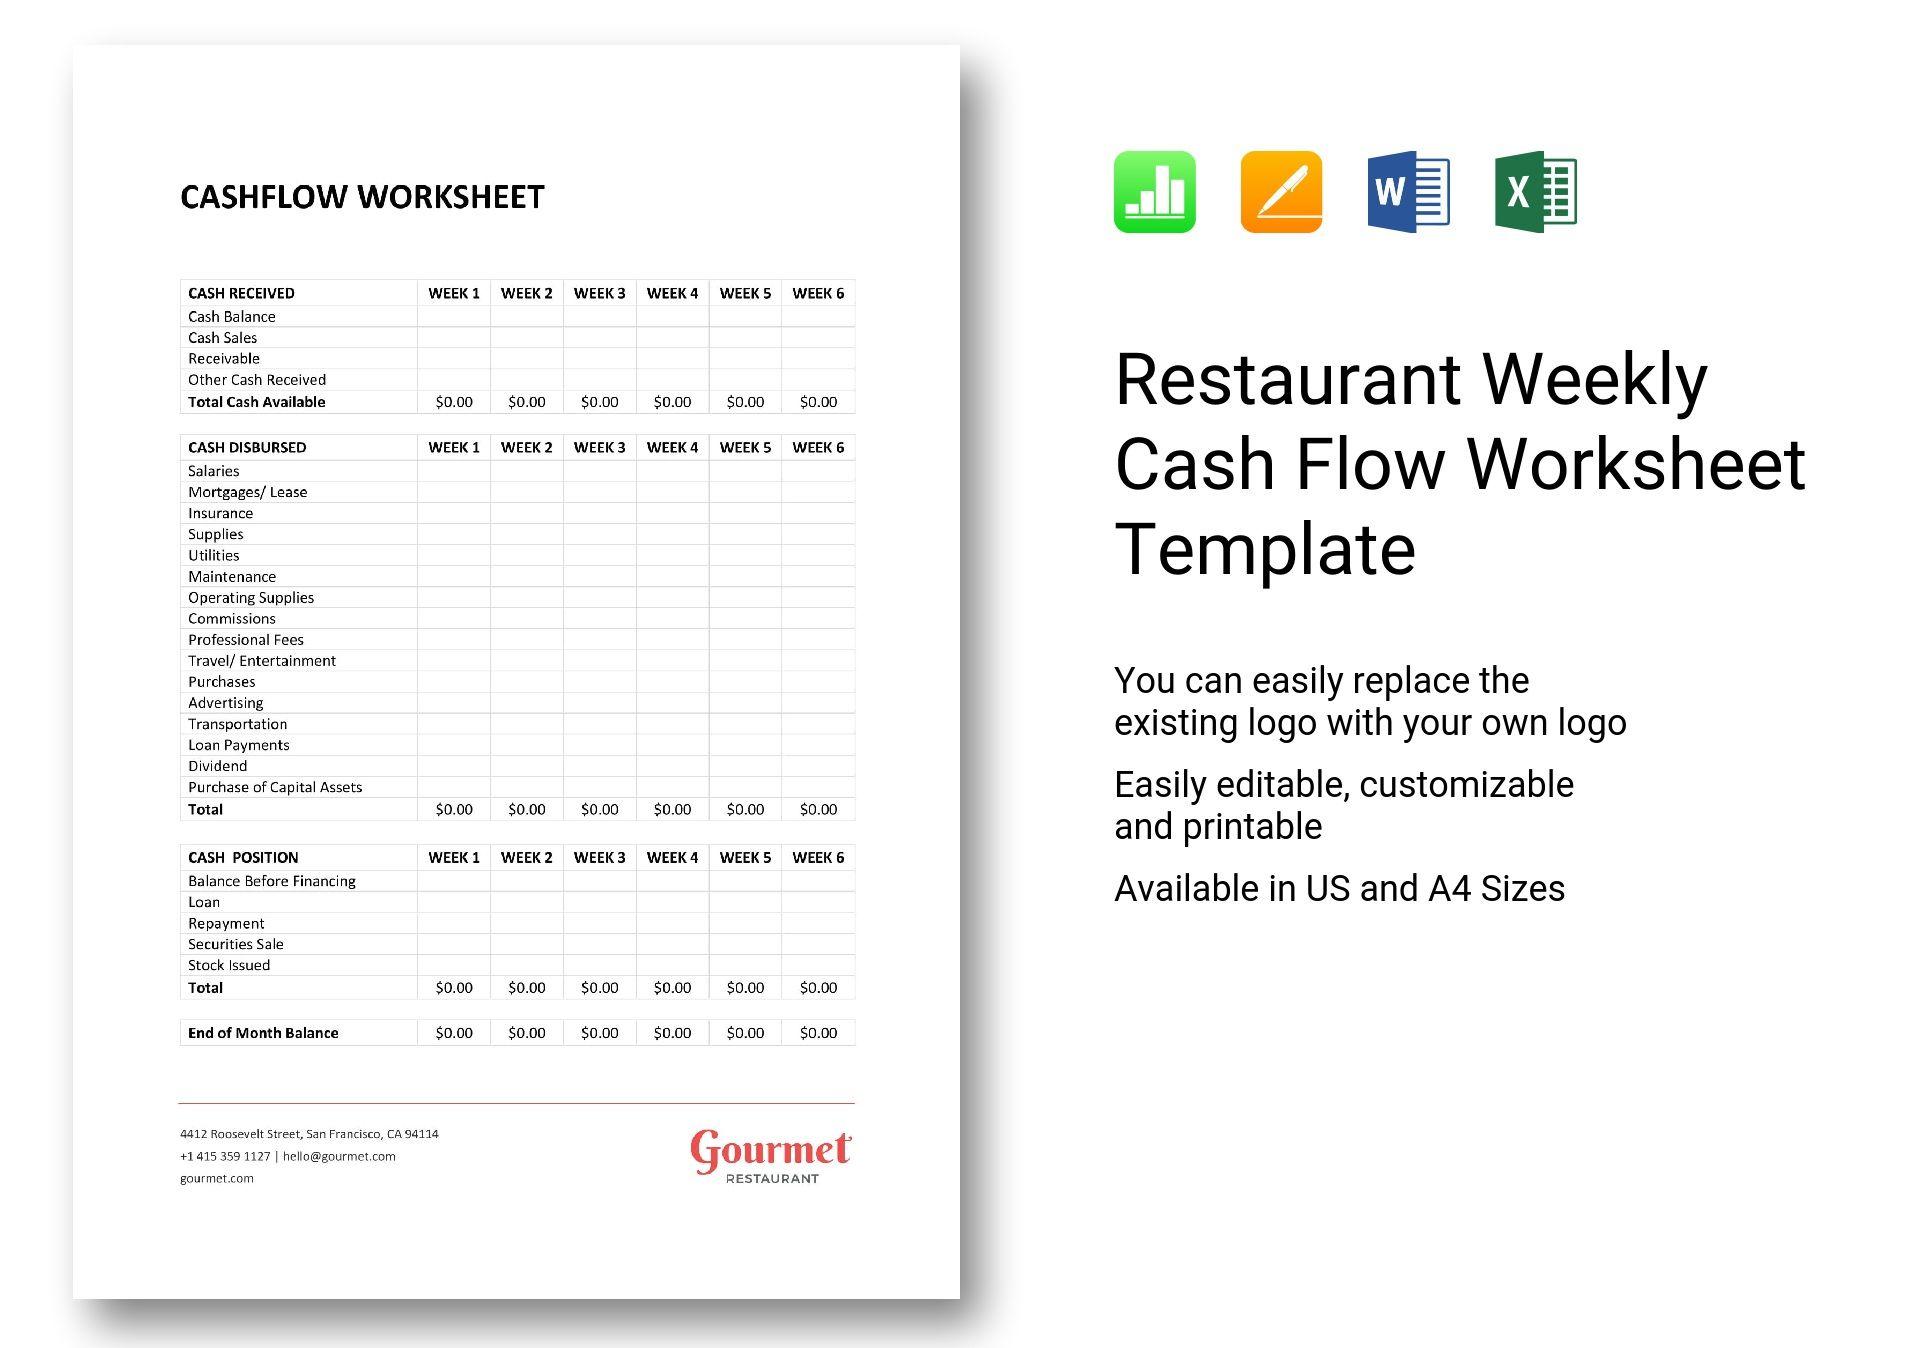 restaurant weekly cash flow worksheet template in word excel apple